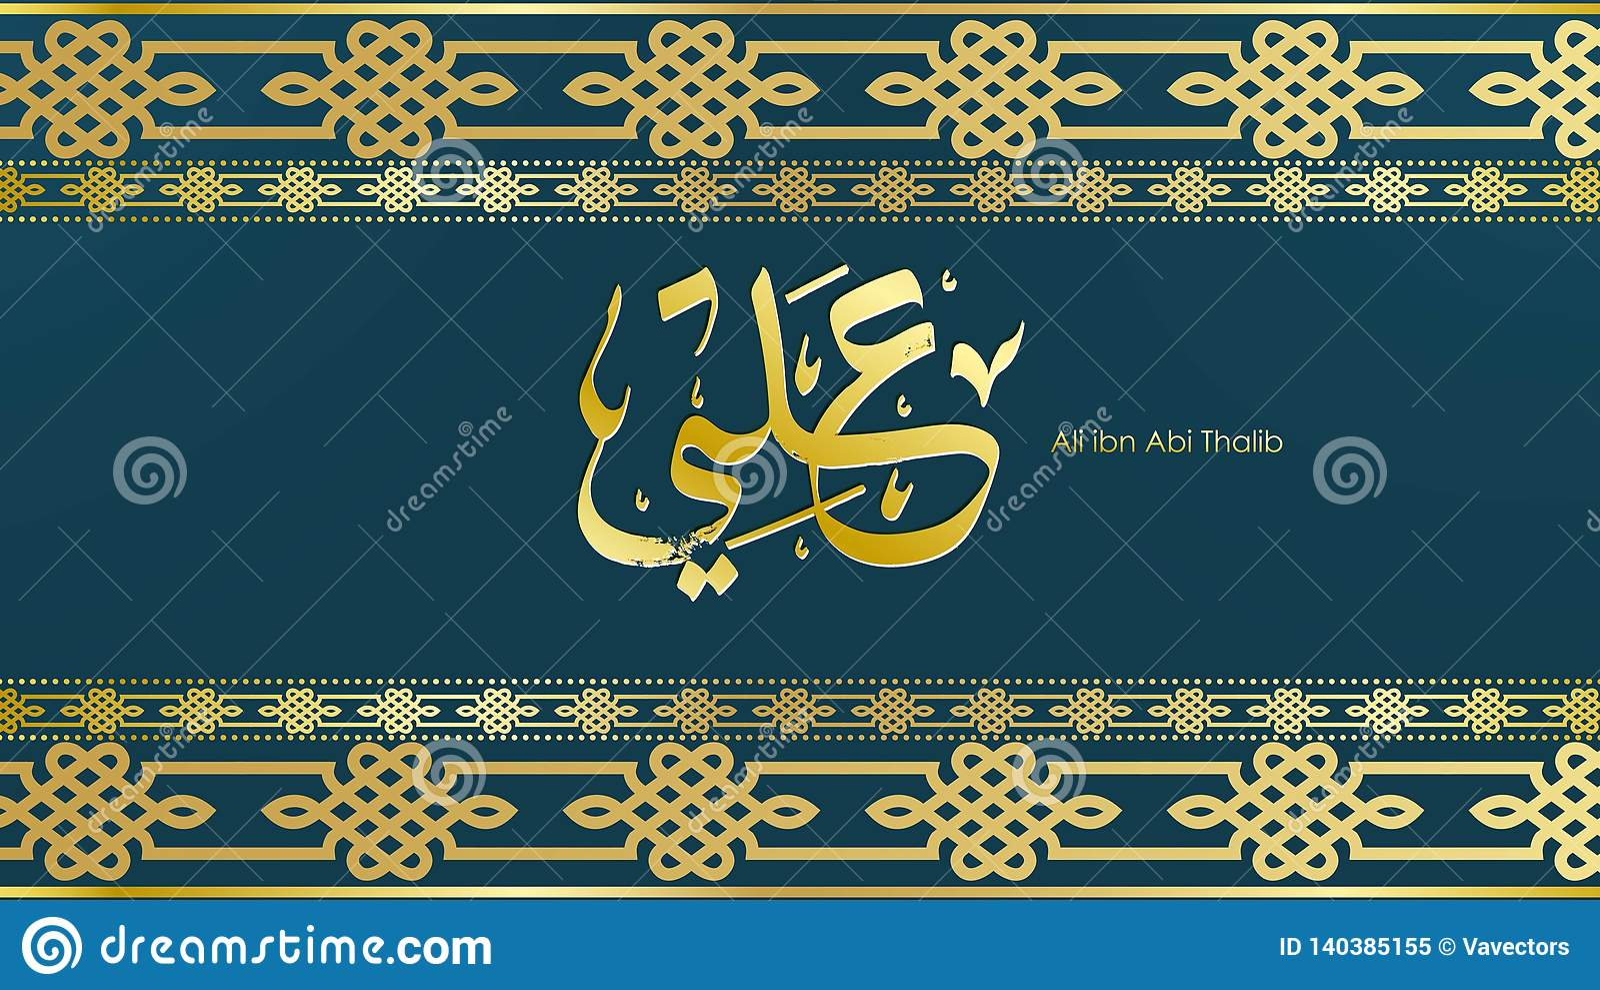 Arabic Hazrat Ali Bin Abi Thalib Greeting Card Template